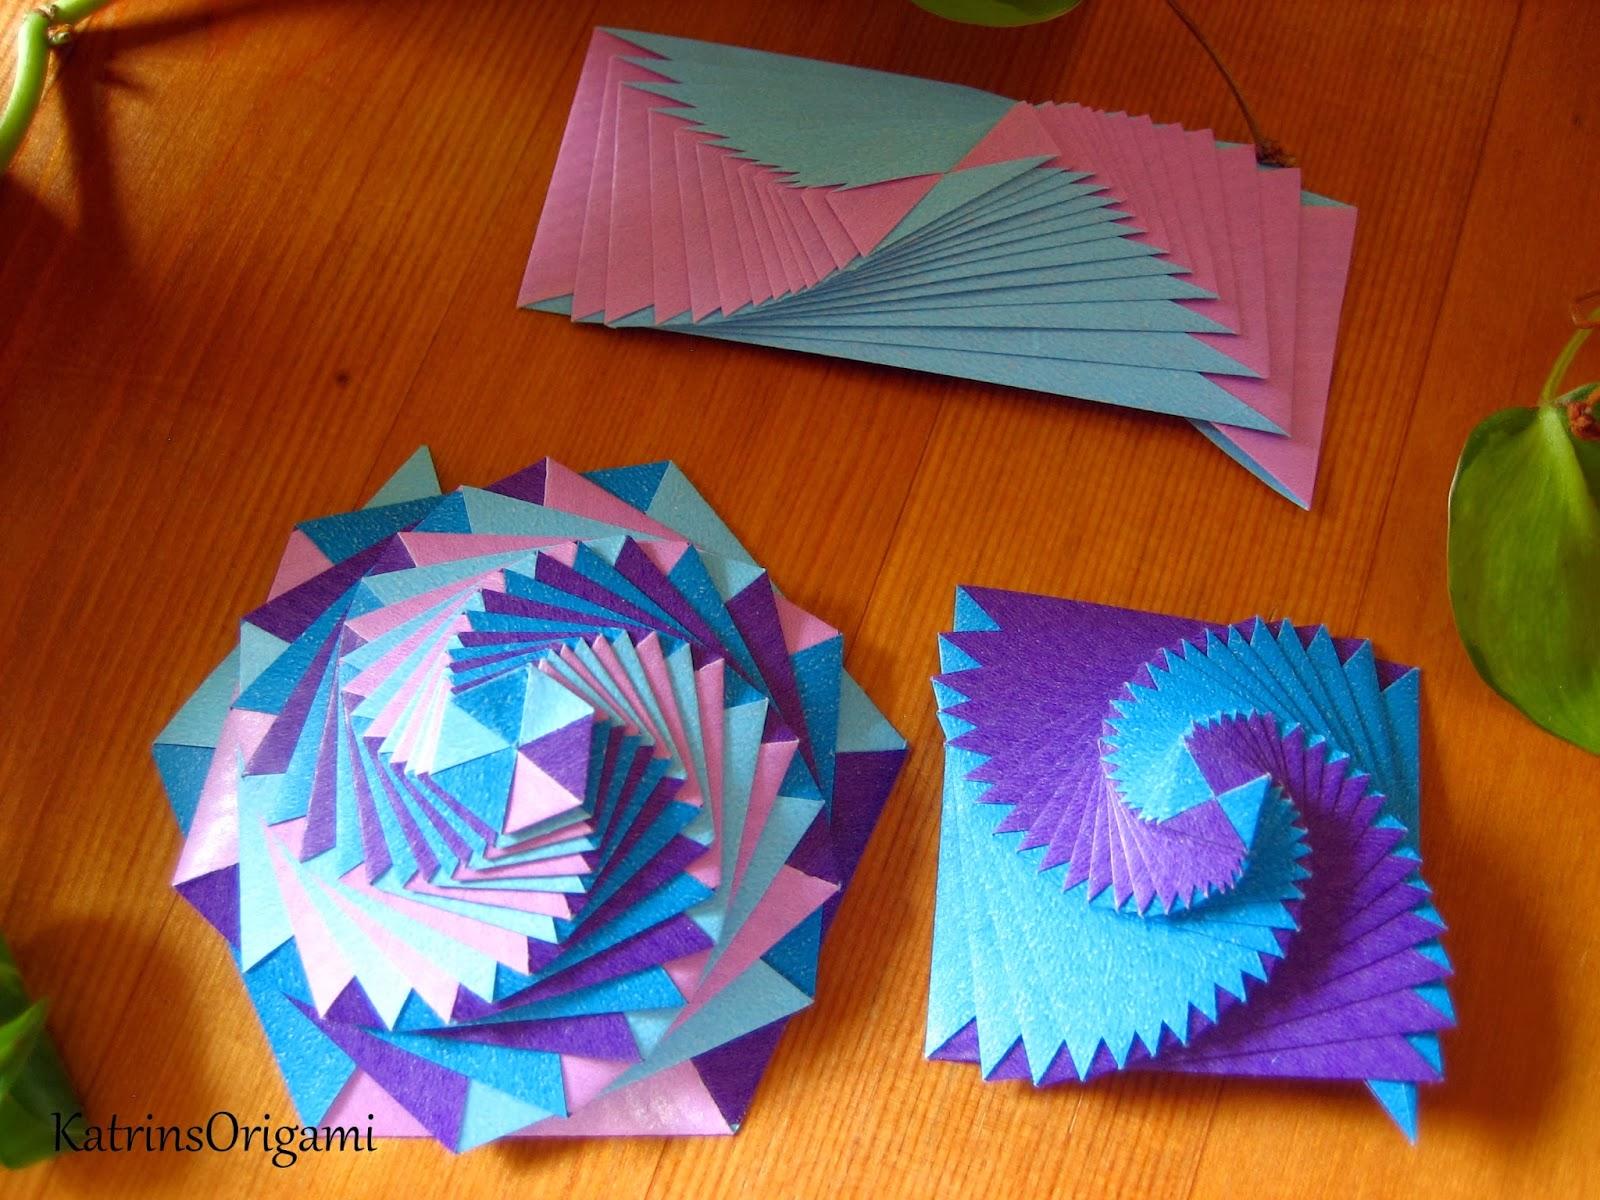 Origami die Kunst des Papierfaltens: Februar 2014